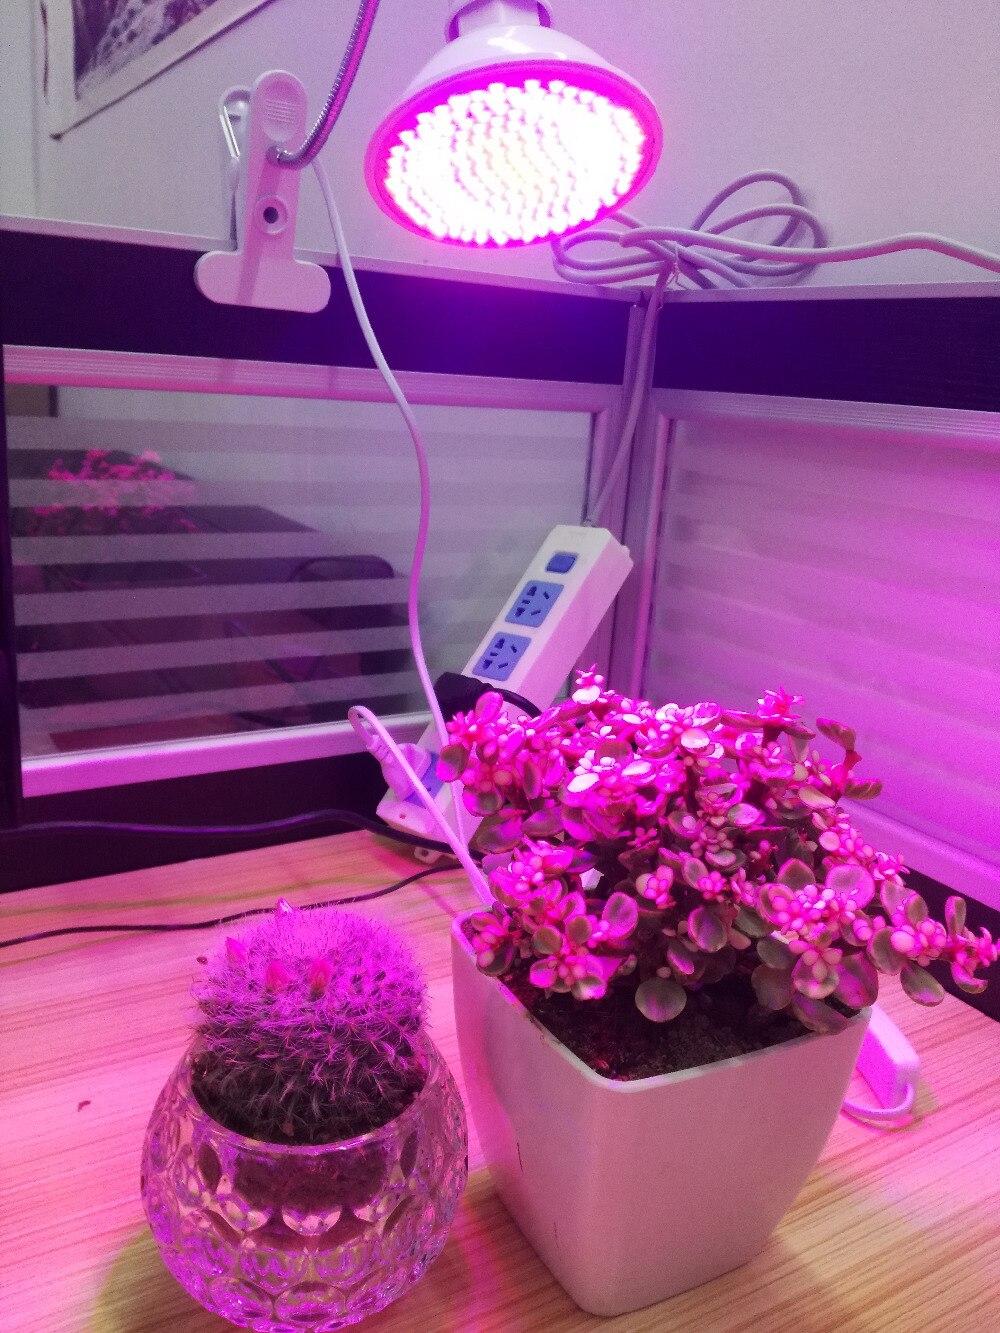 200 Led Elevent La Lumiere Ampoules Lampe Plante Fleur Legumes Qui